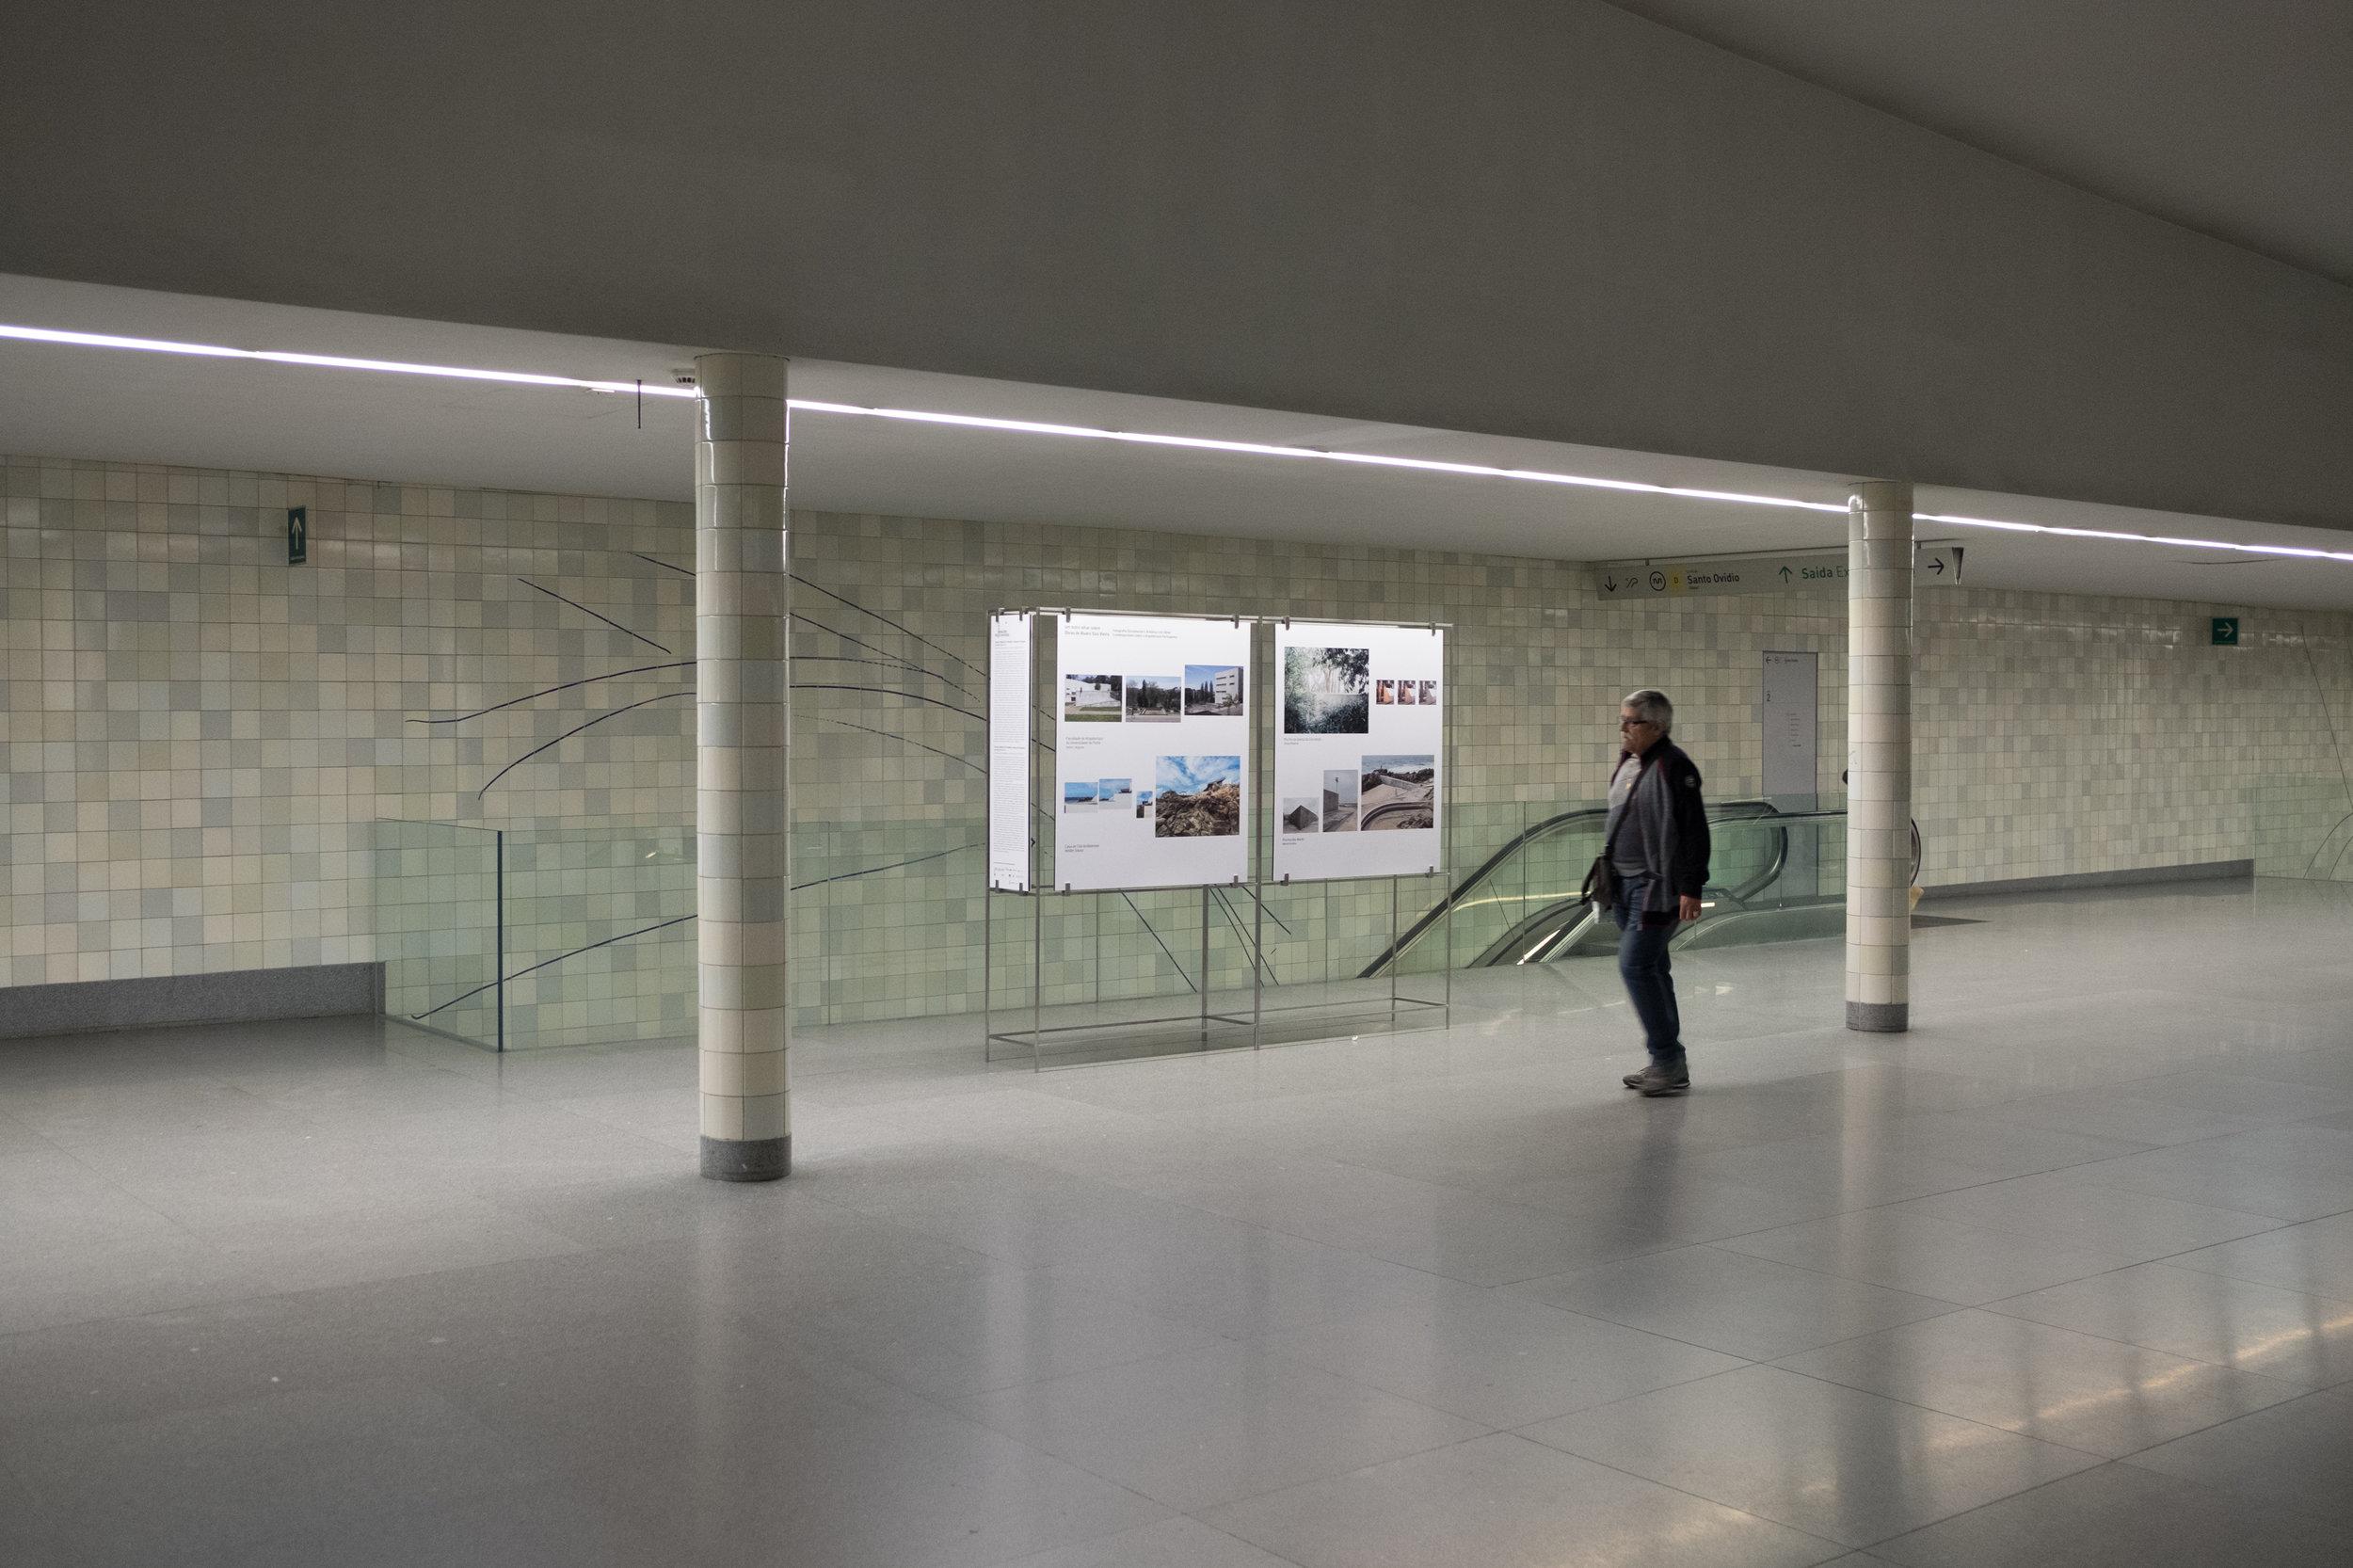 Visita Guiadas com Autores Visual Spaces of Change: Estações de Metro da Avenida dos Aliados e São Bento, OASRN